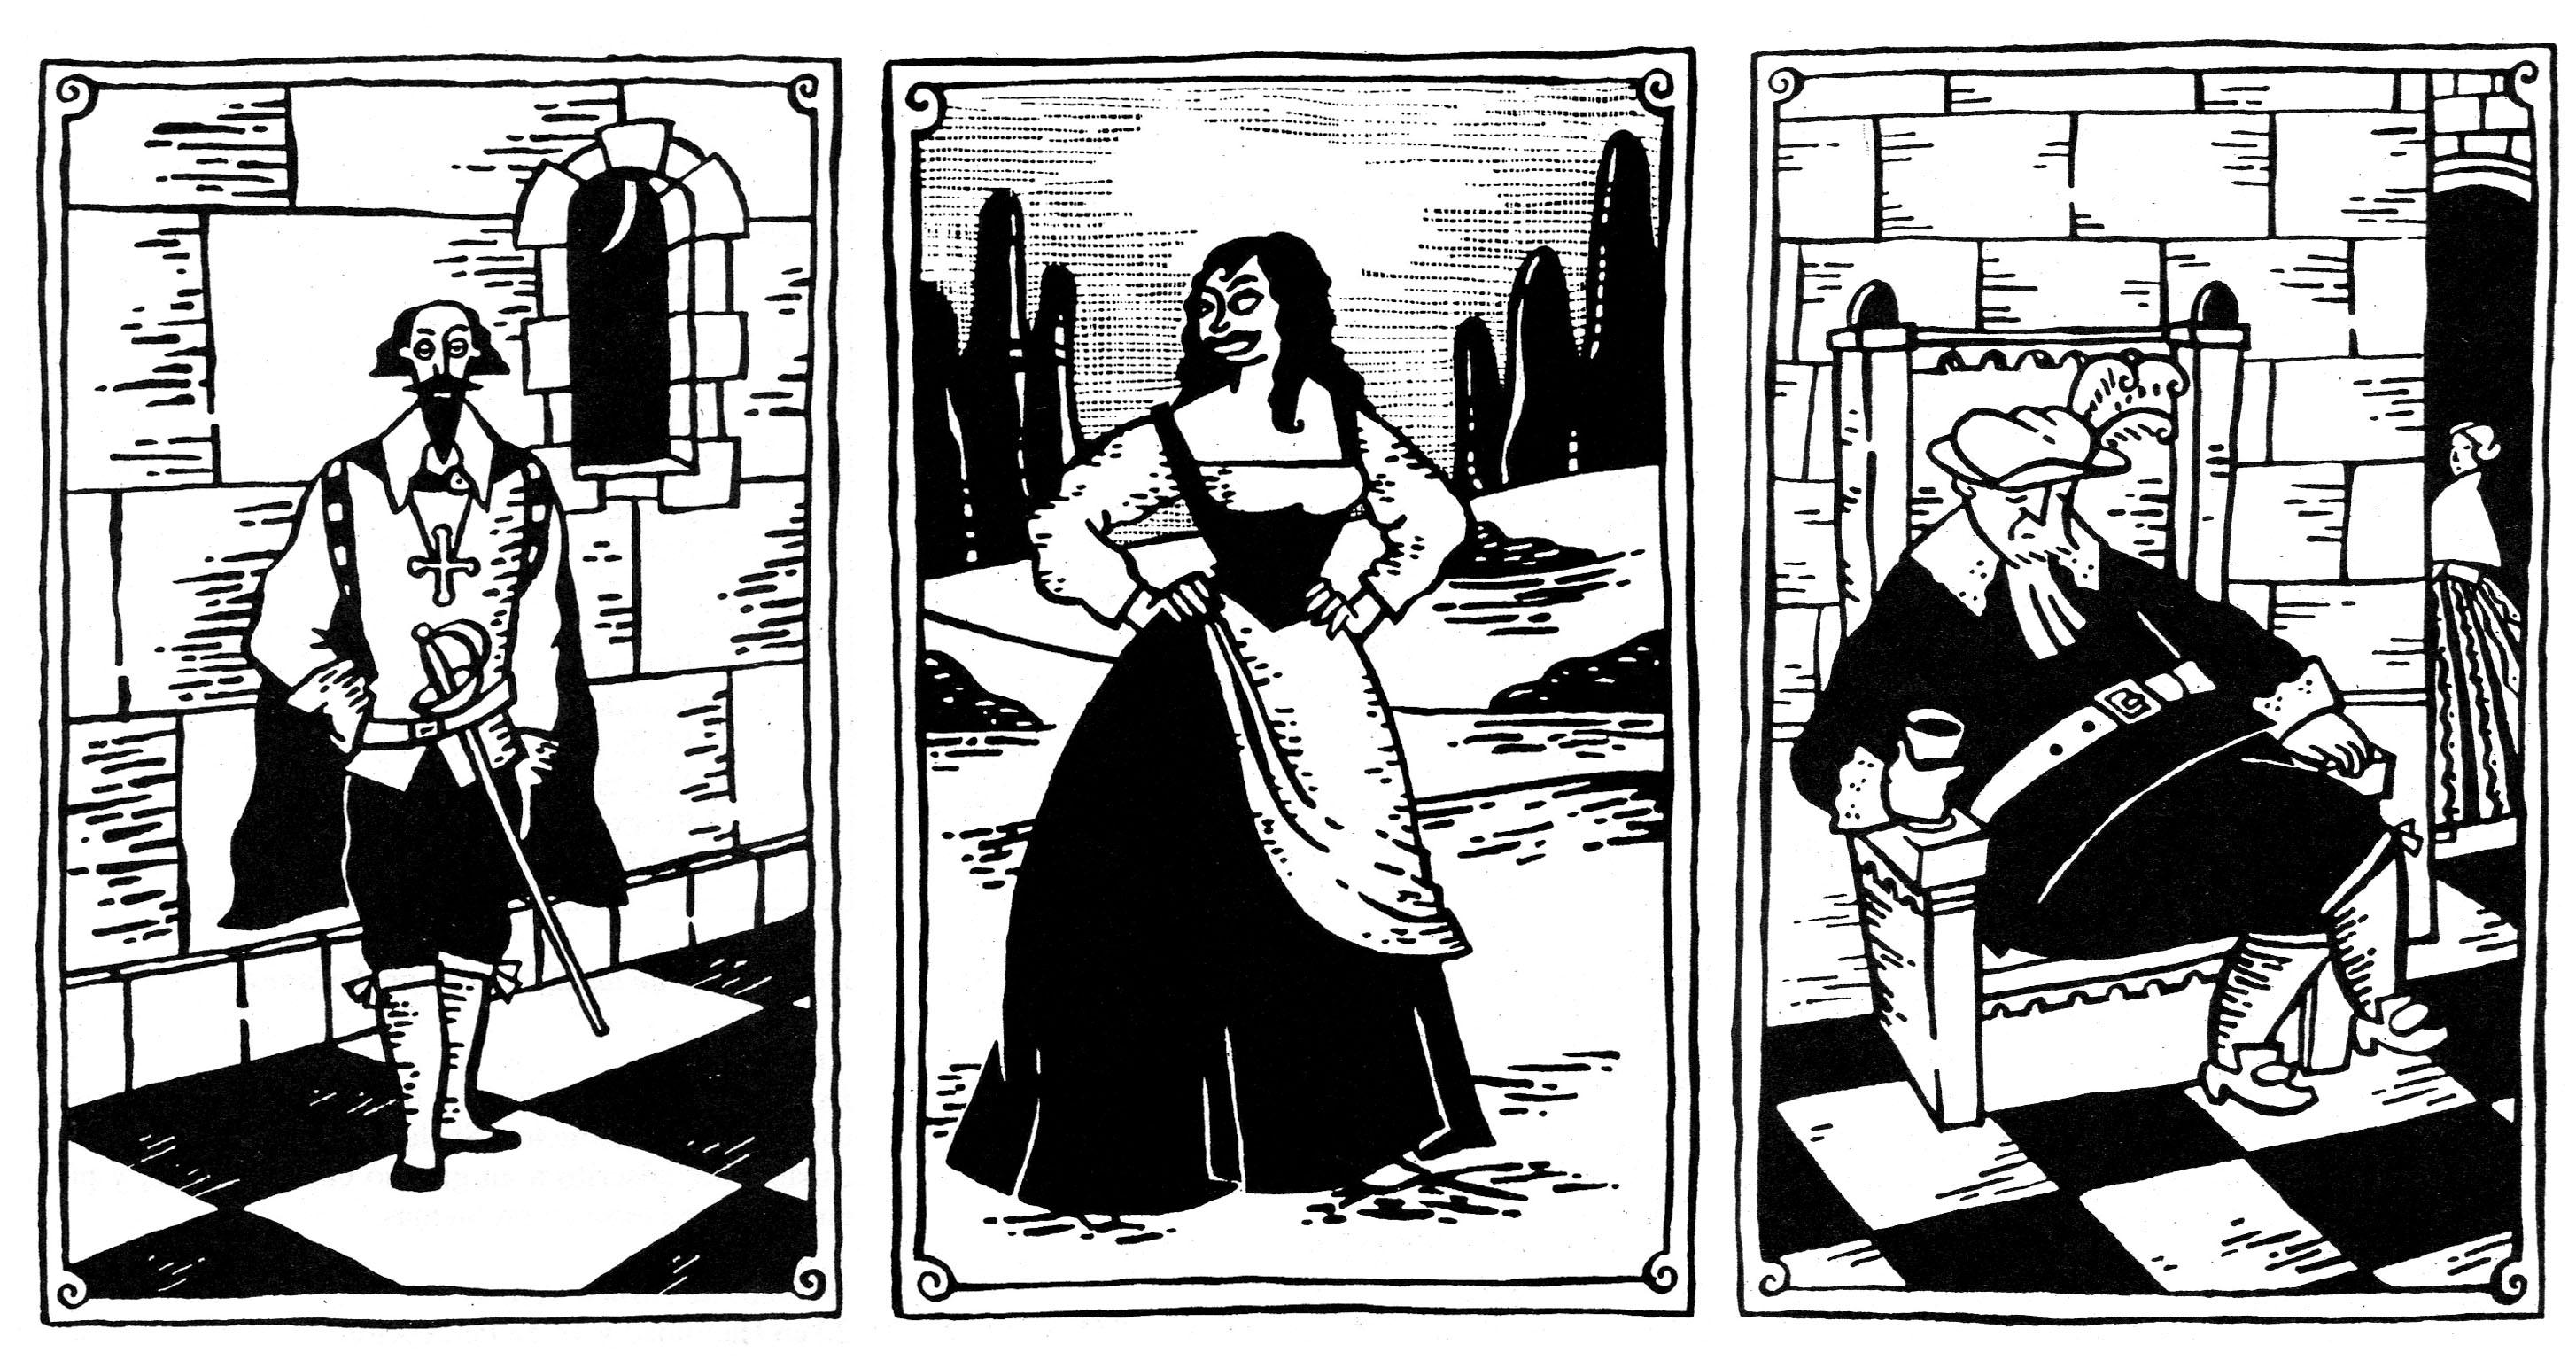 Ilustraciones de Montse Fransoy publicadas en Aquelarre por Joc Internacional